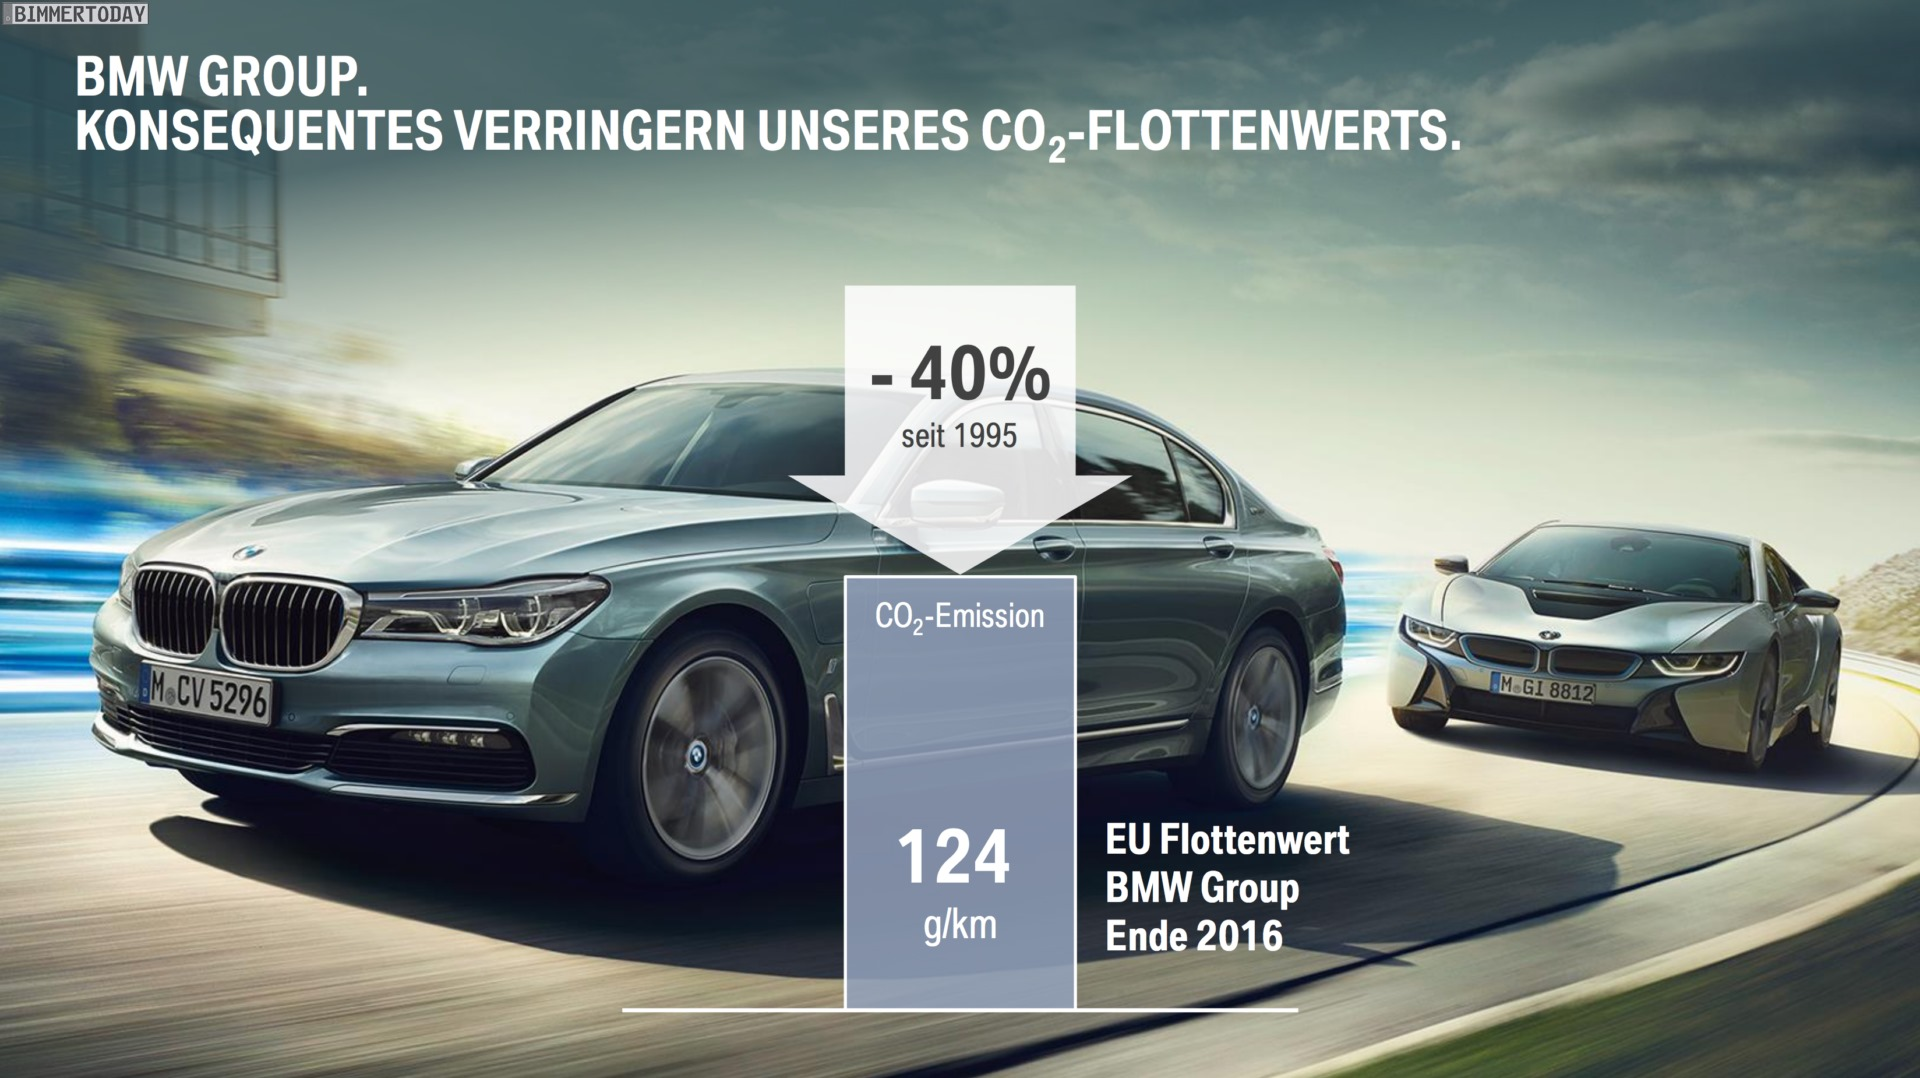 BMW CO2 emissions